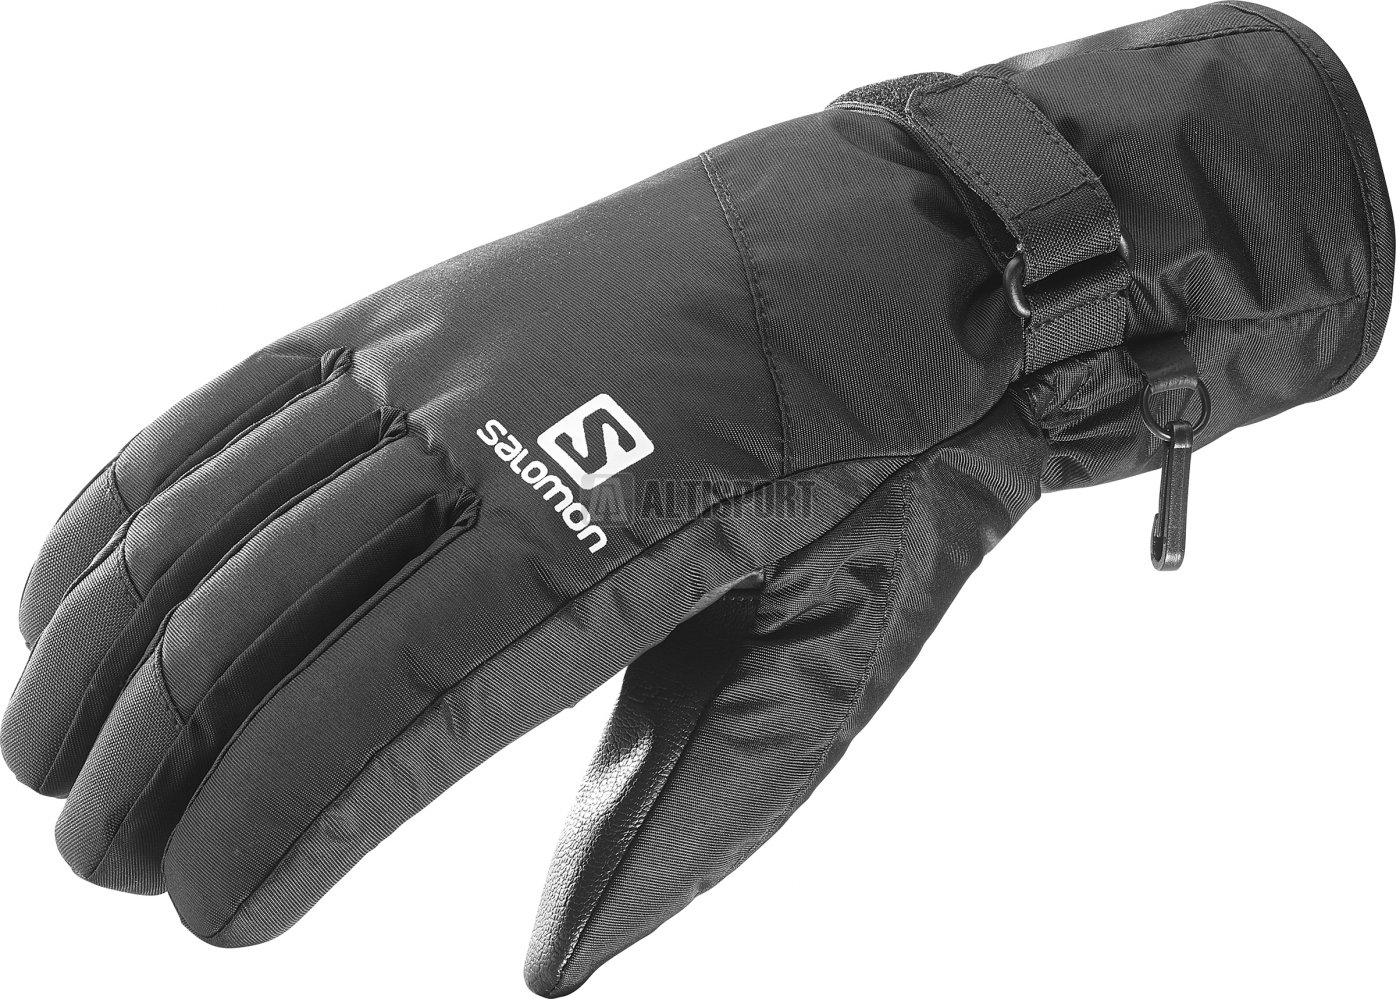 c94e3e7a291 Pánské zimní rukavice SALOMON FORCE DRY M L39499500 BLACK velikost ...